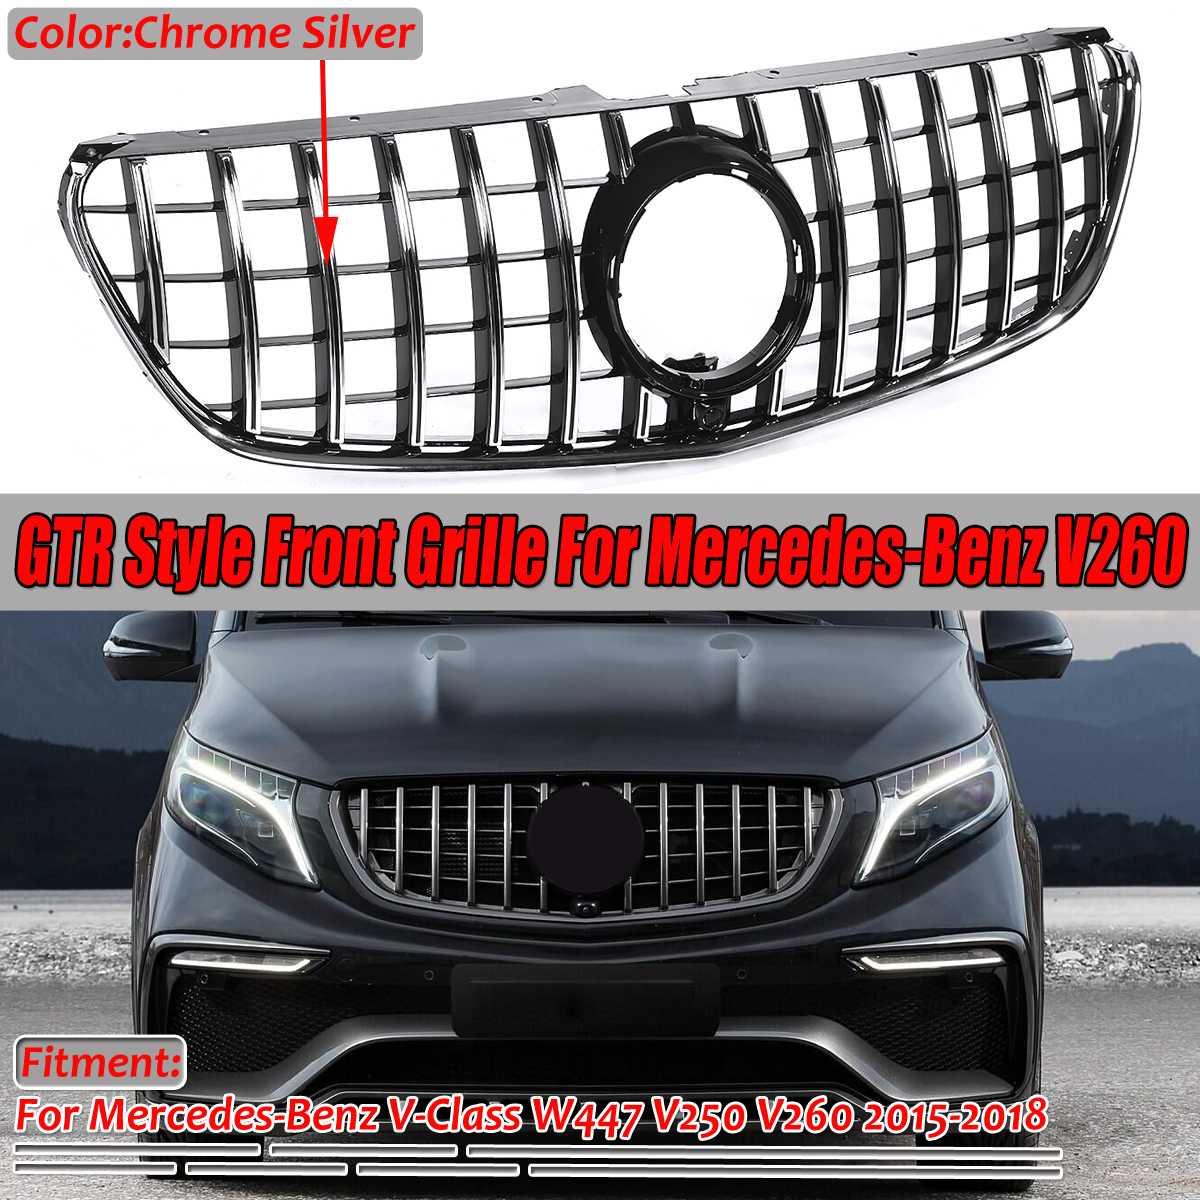 Chrom/czarny W447 GTR styl kratka Grill przedni zderzak samochodowy GT Grill kratka dla mercedesa dla Benz v-class W447 V250 V260 2015-2018